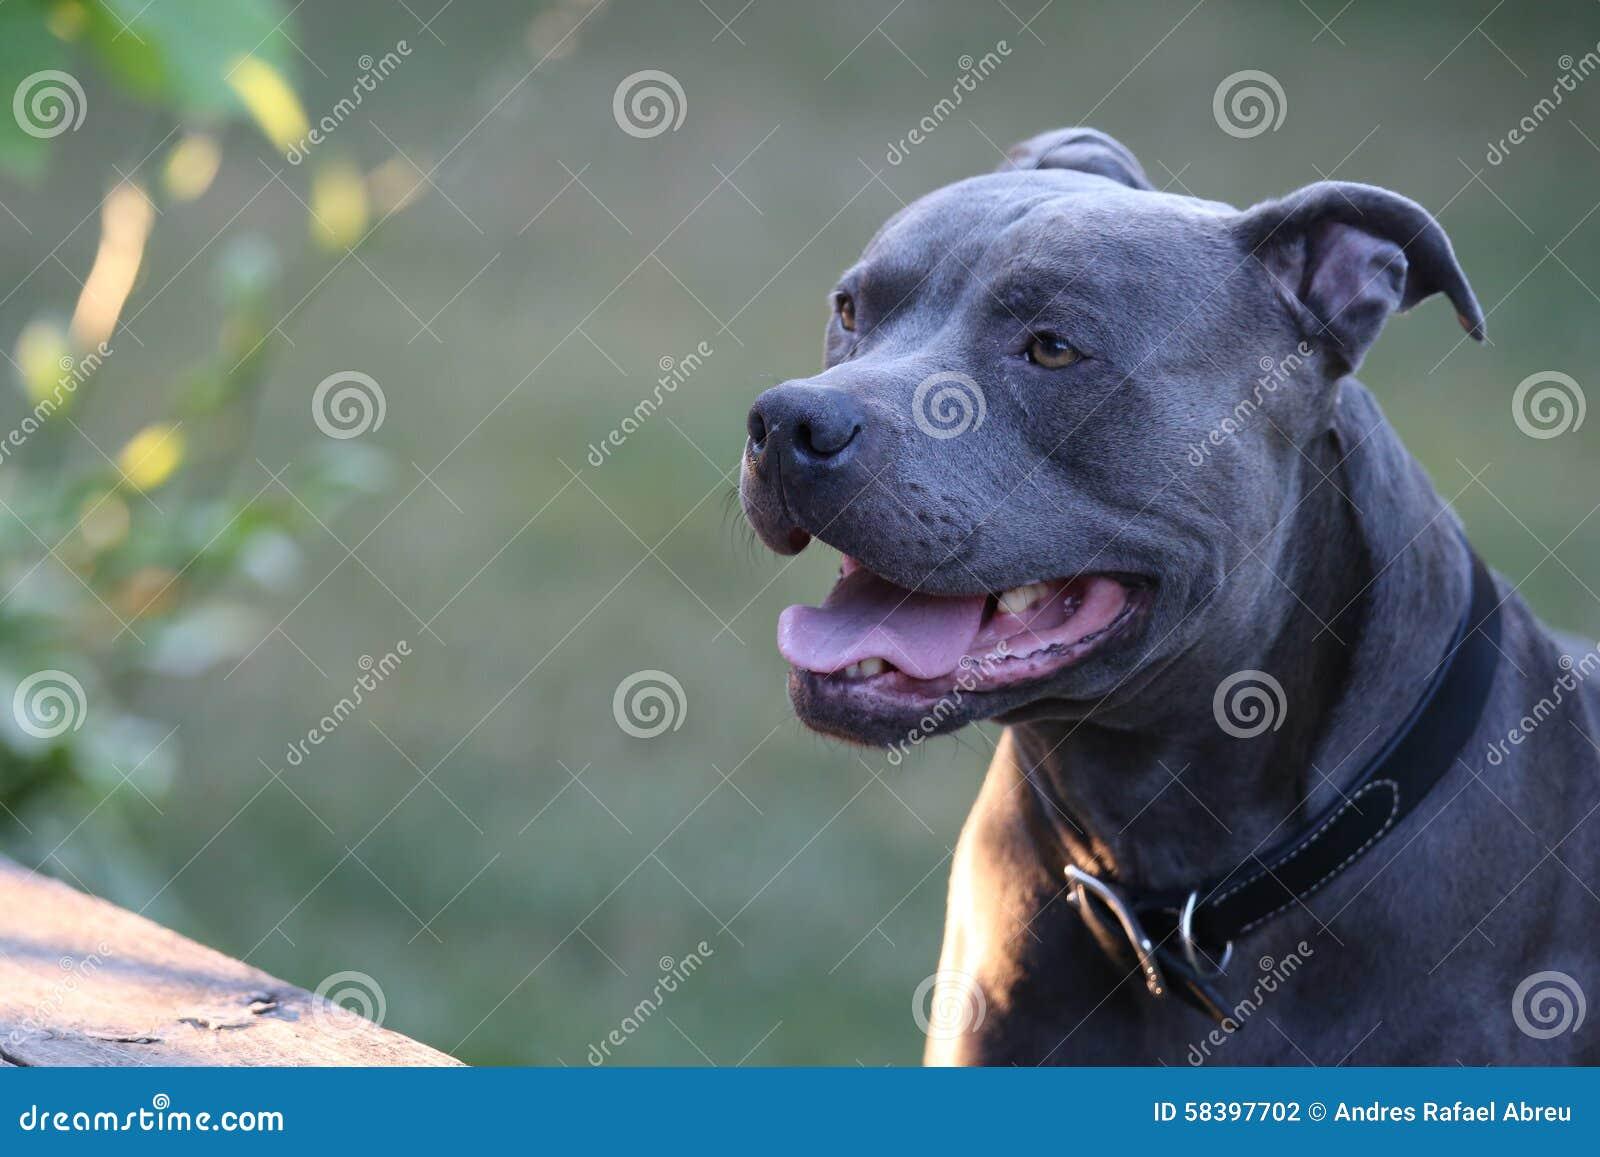 Dog, Pitbull